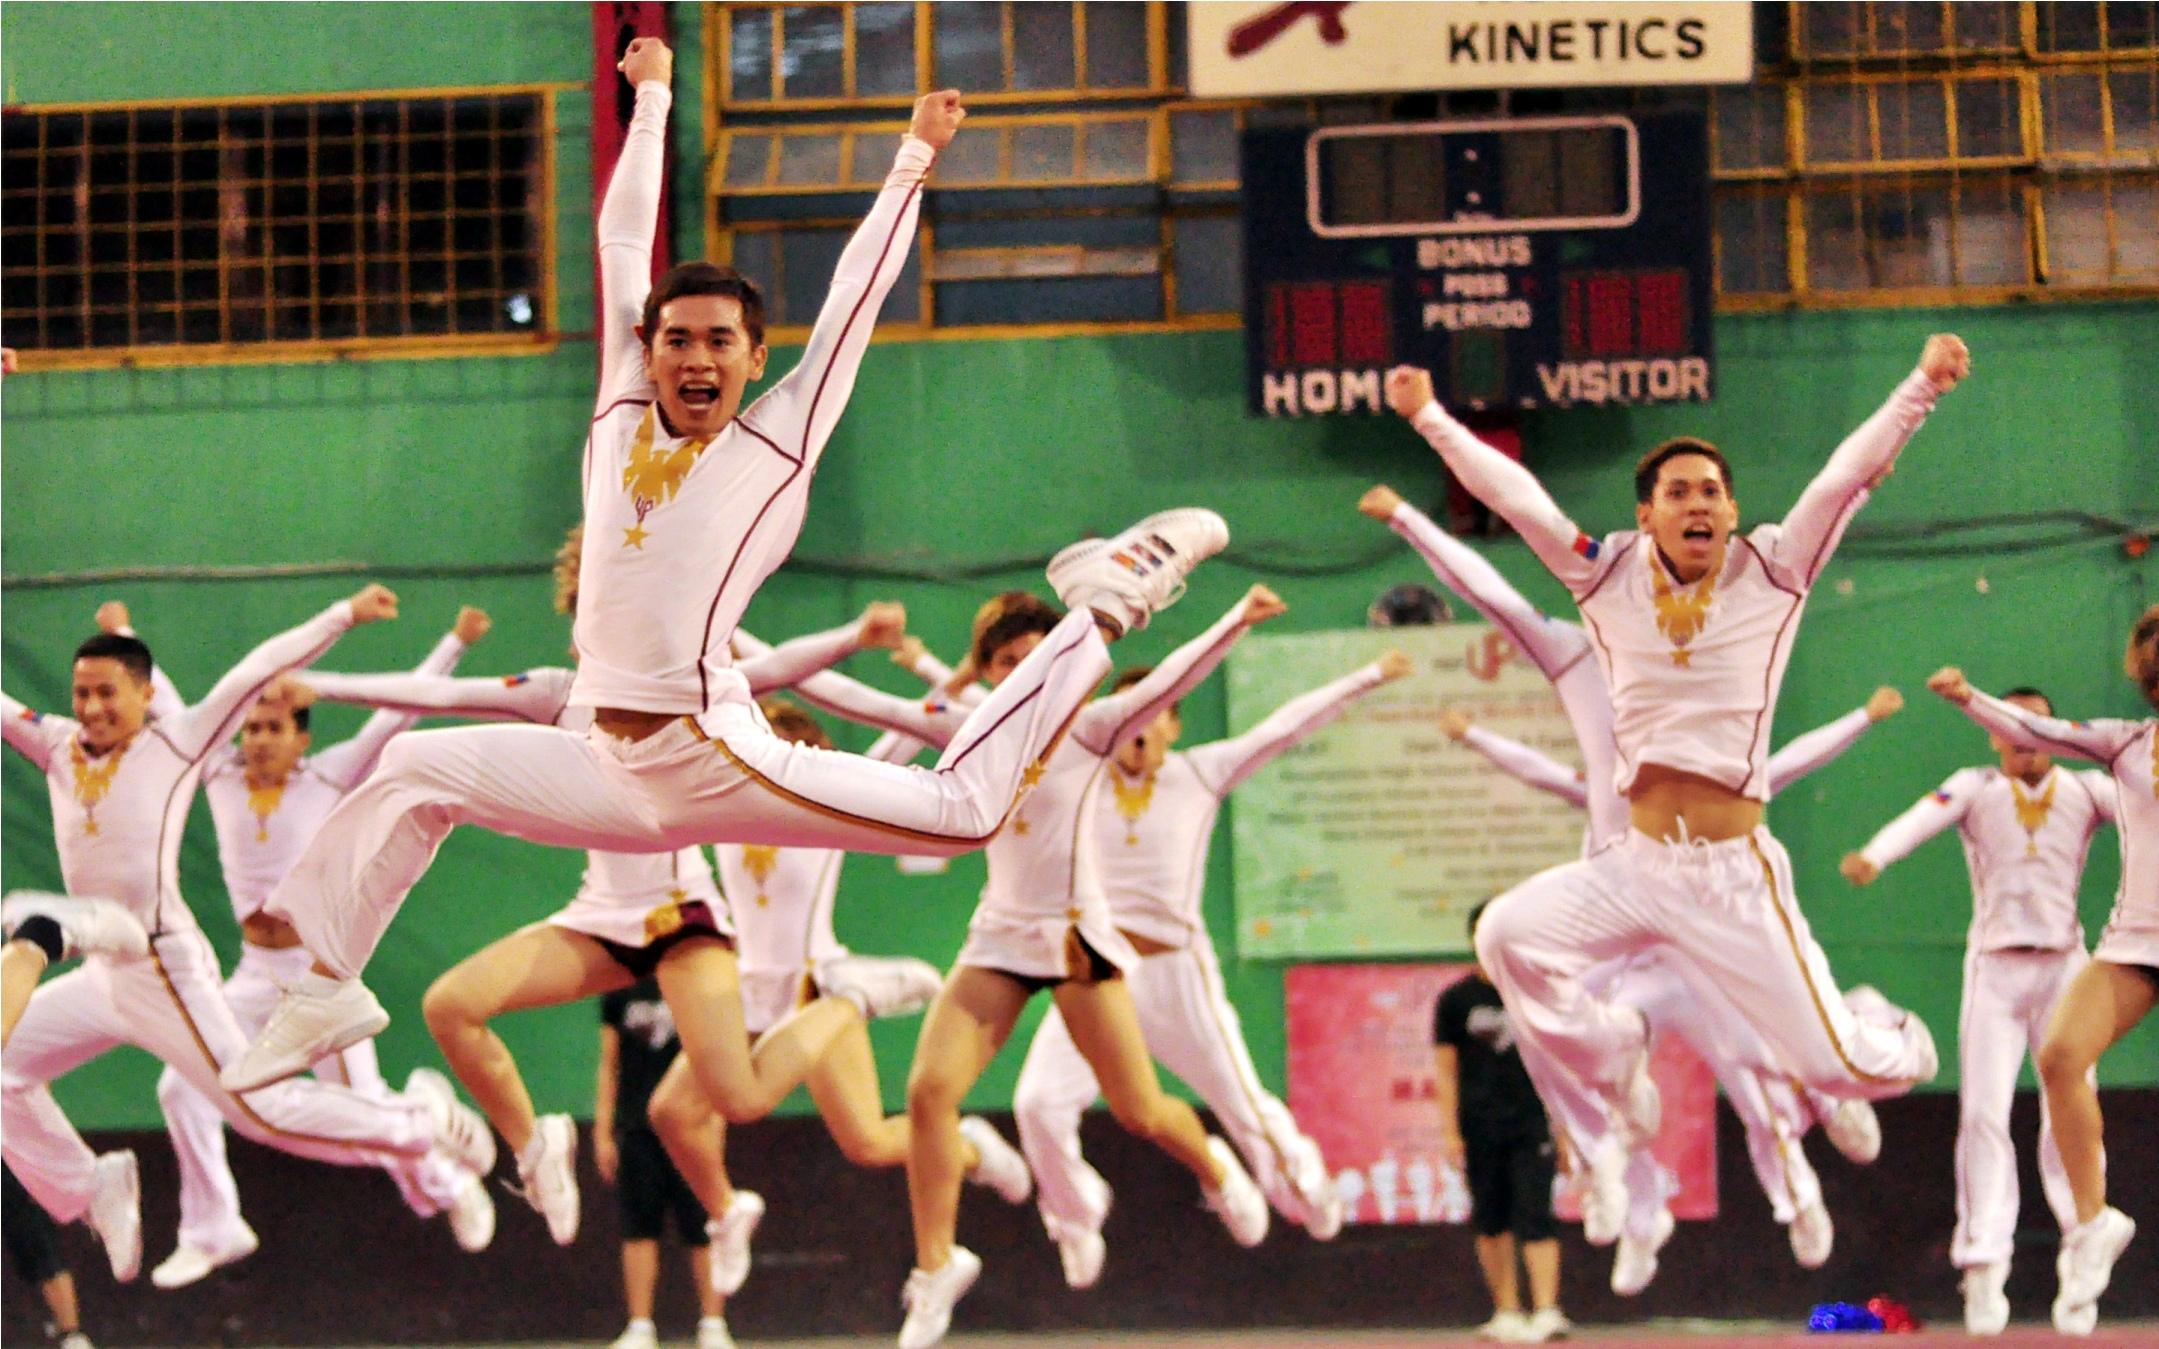 In Focus: Philippine cheerdance team gears up for world tilt